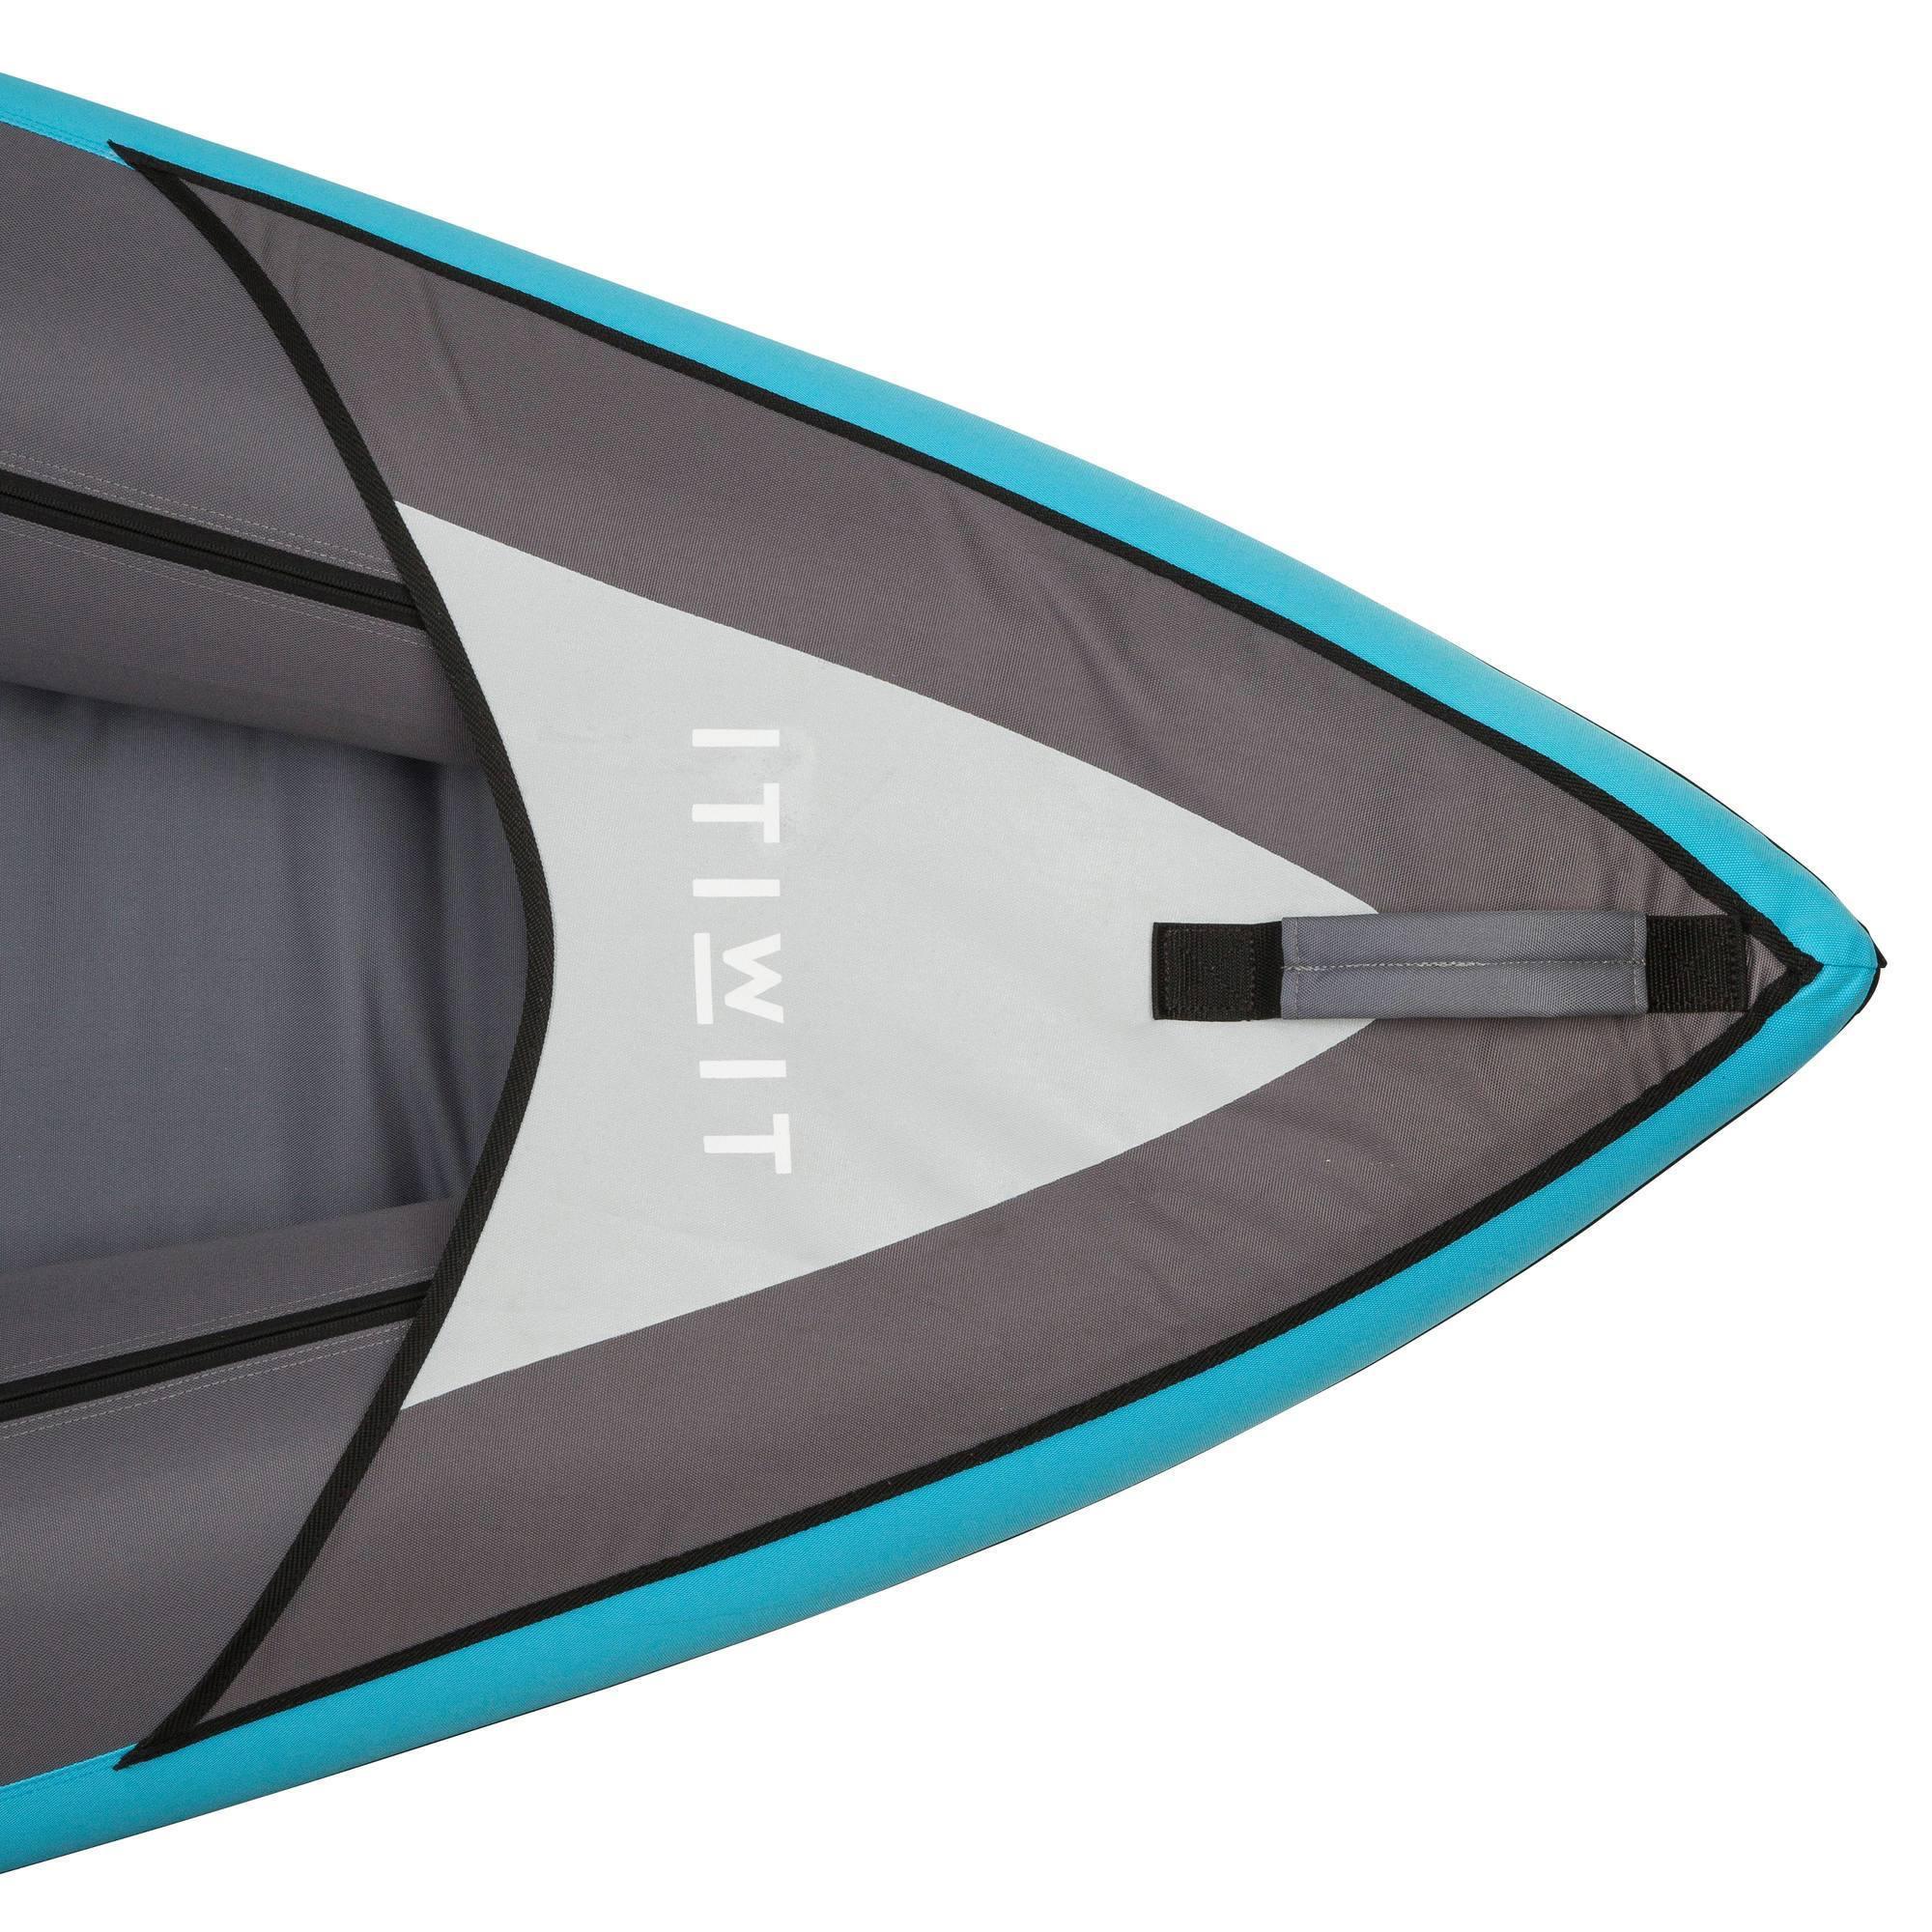 canoe kayak gonflable 2 3 places bleu clubs. Black Bedroom Furniture Sets. Home Design Ideas